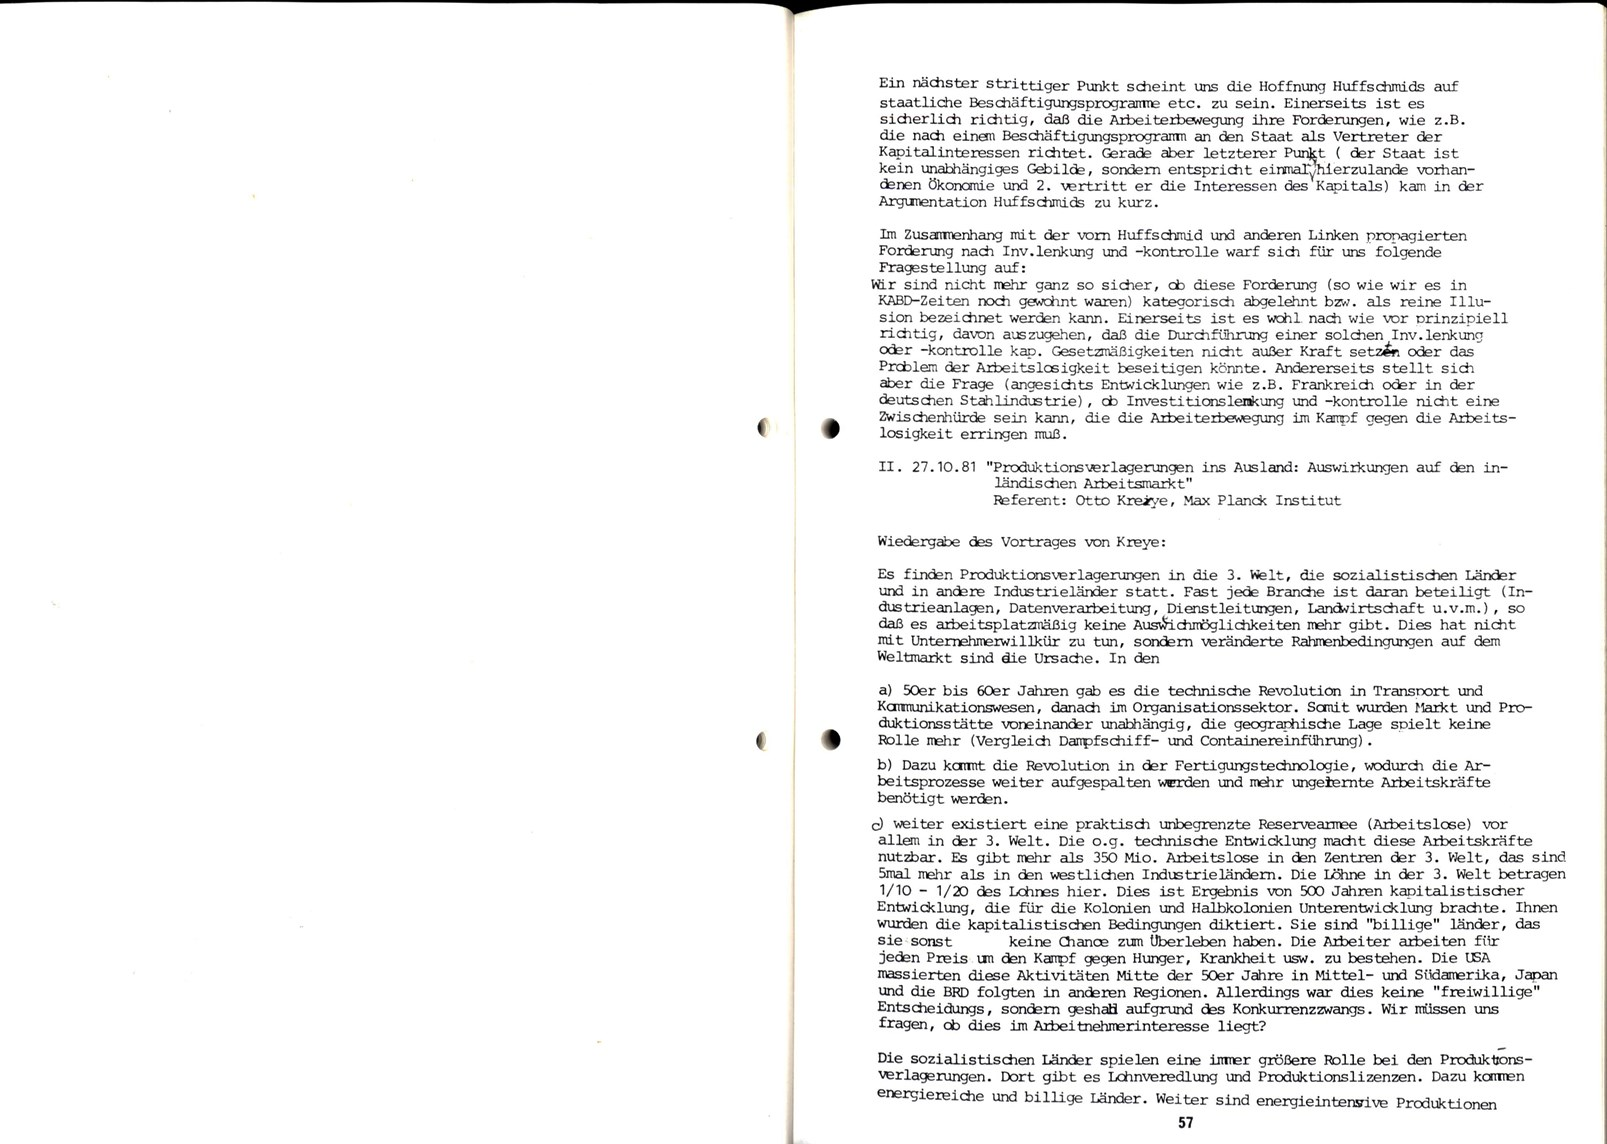 Ulm_KKU_19820118_007_058